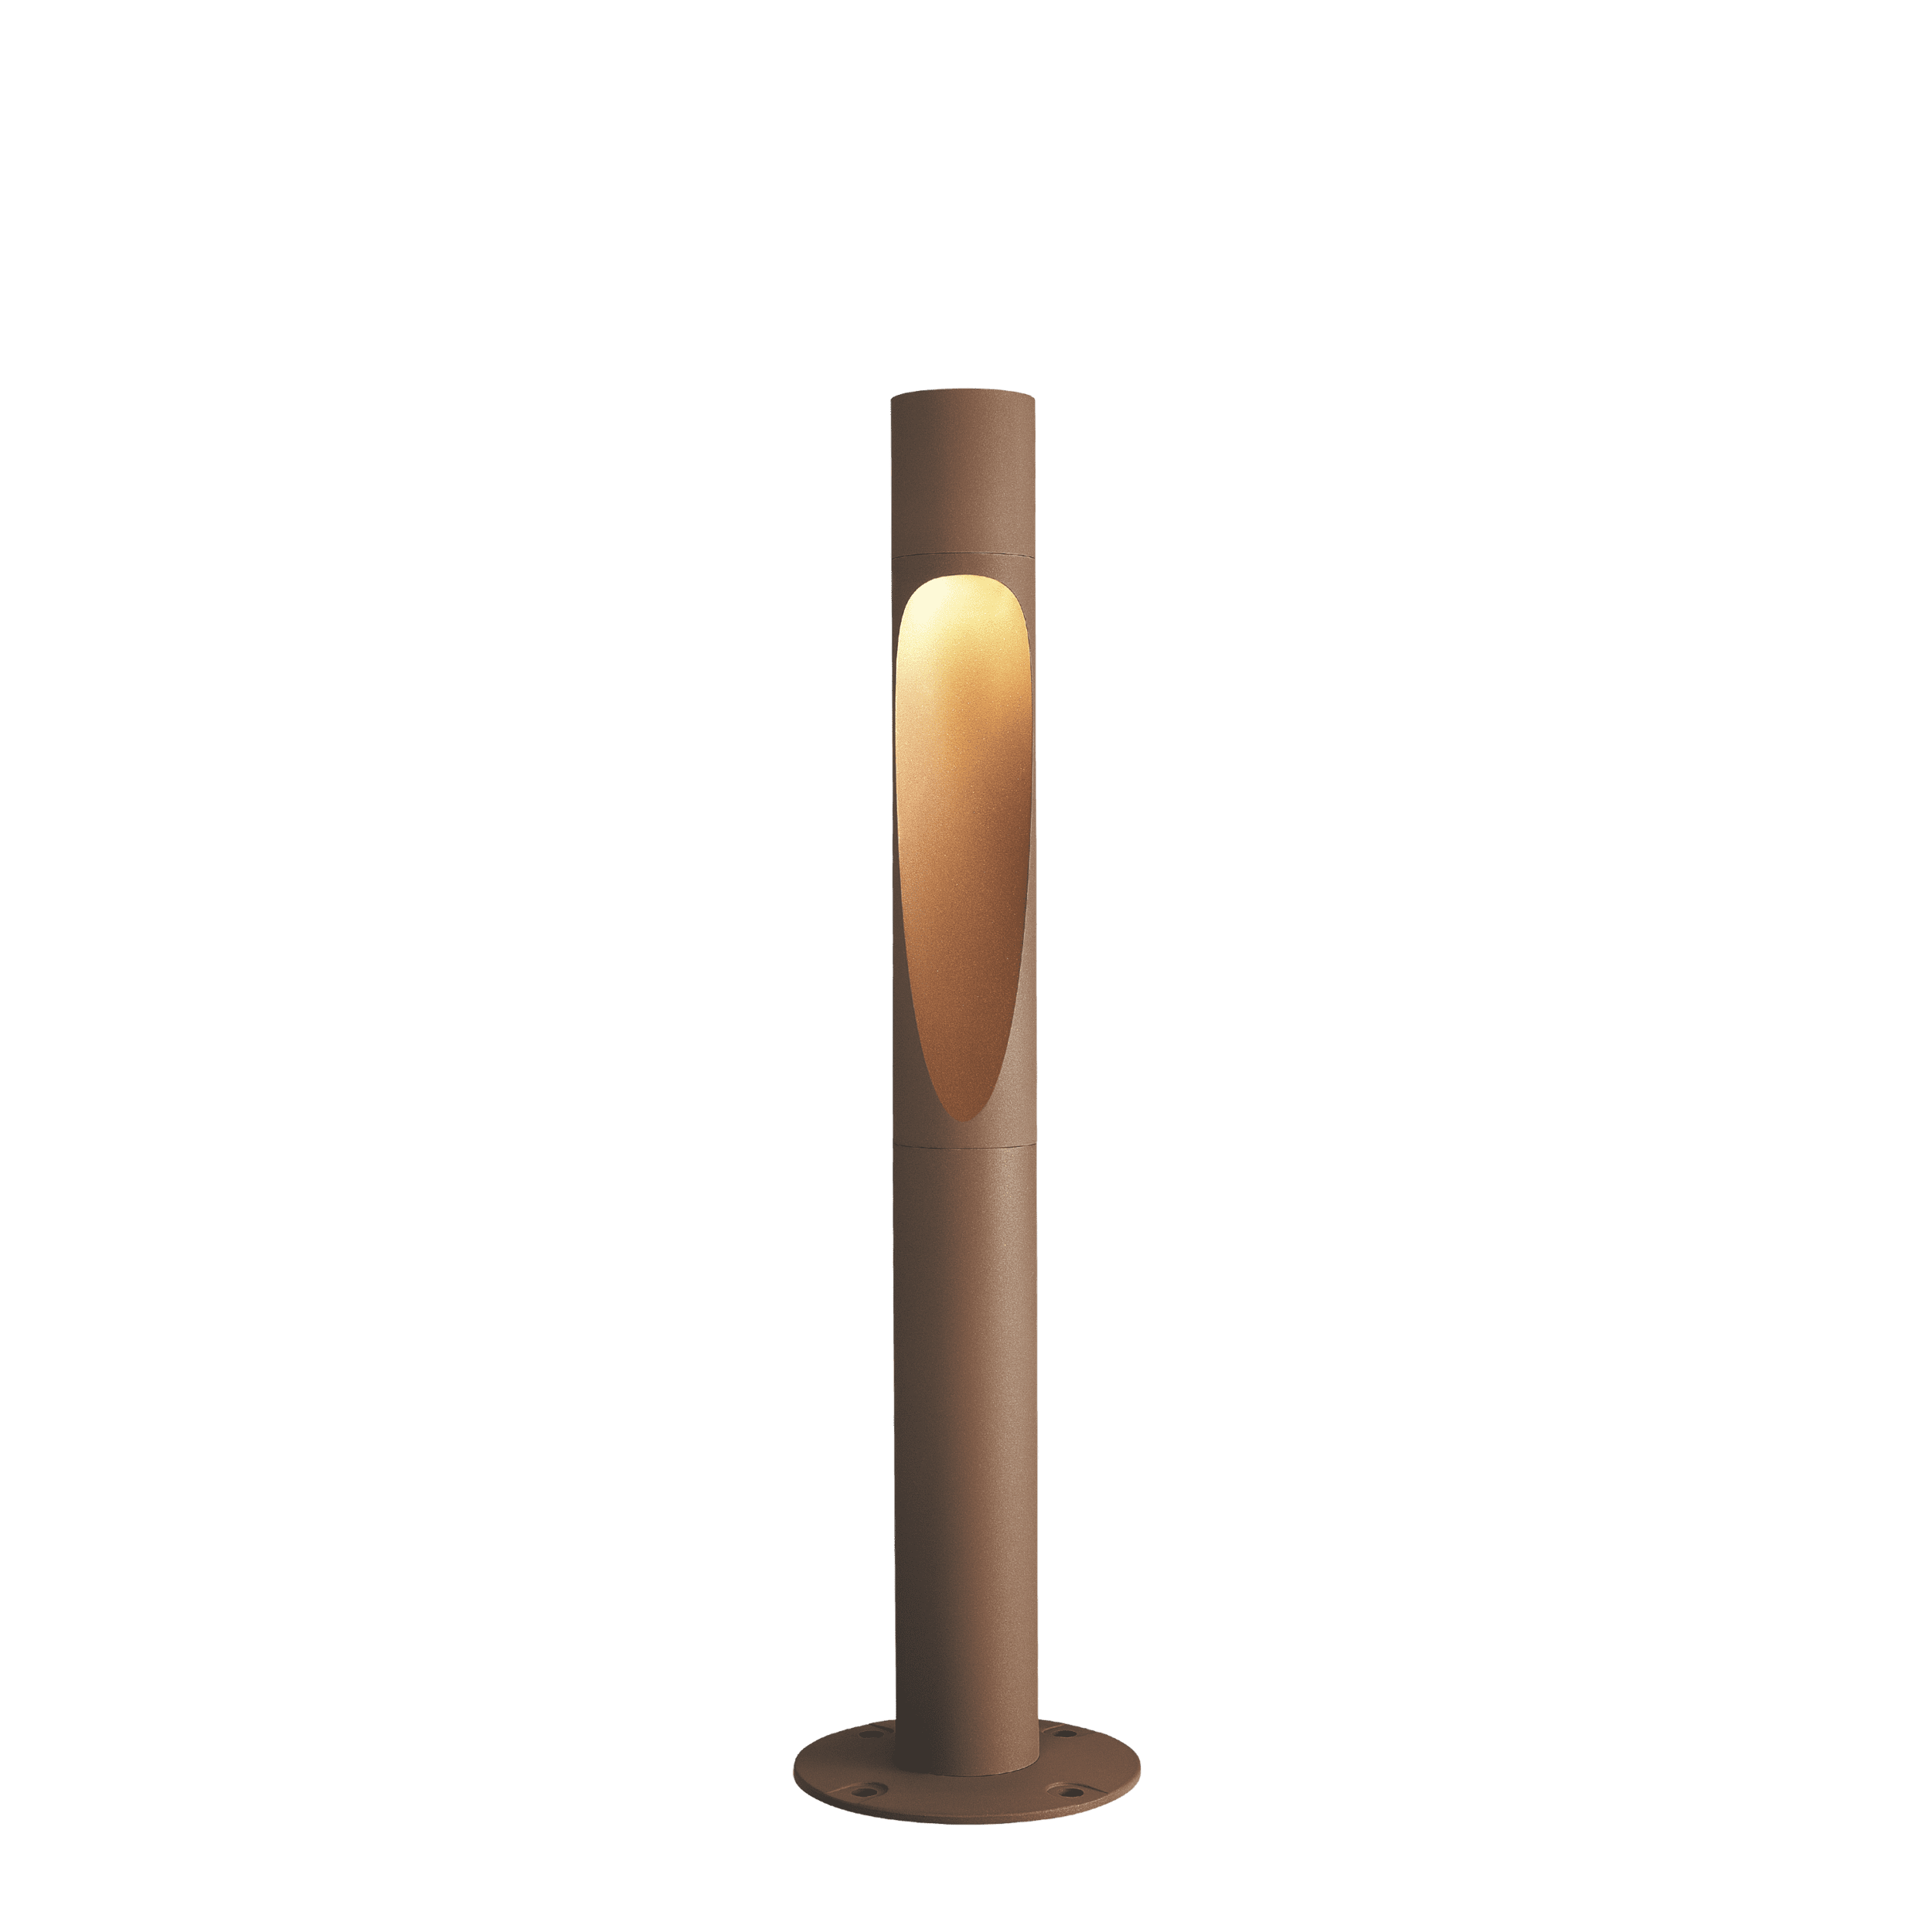 Flindt pullert udendørs belysning louis poulsen christian flindt indbo